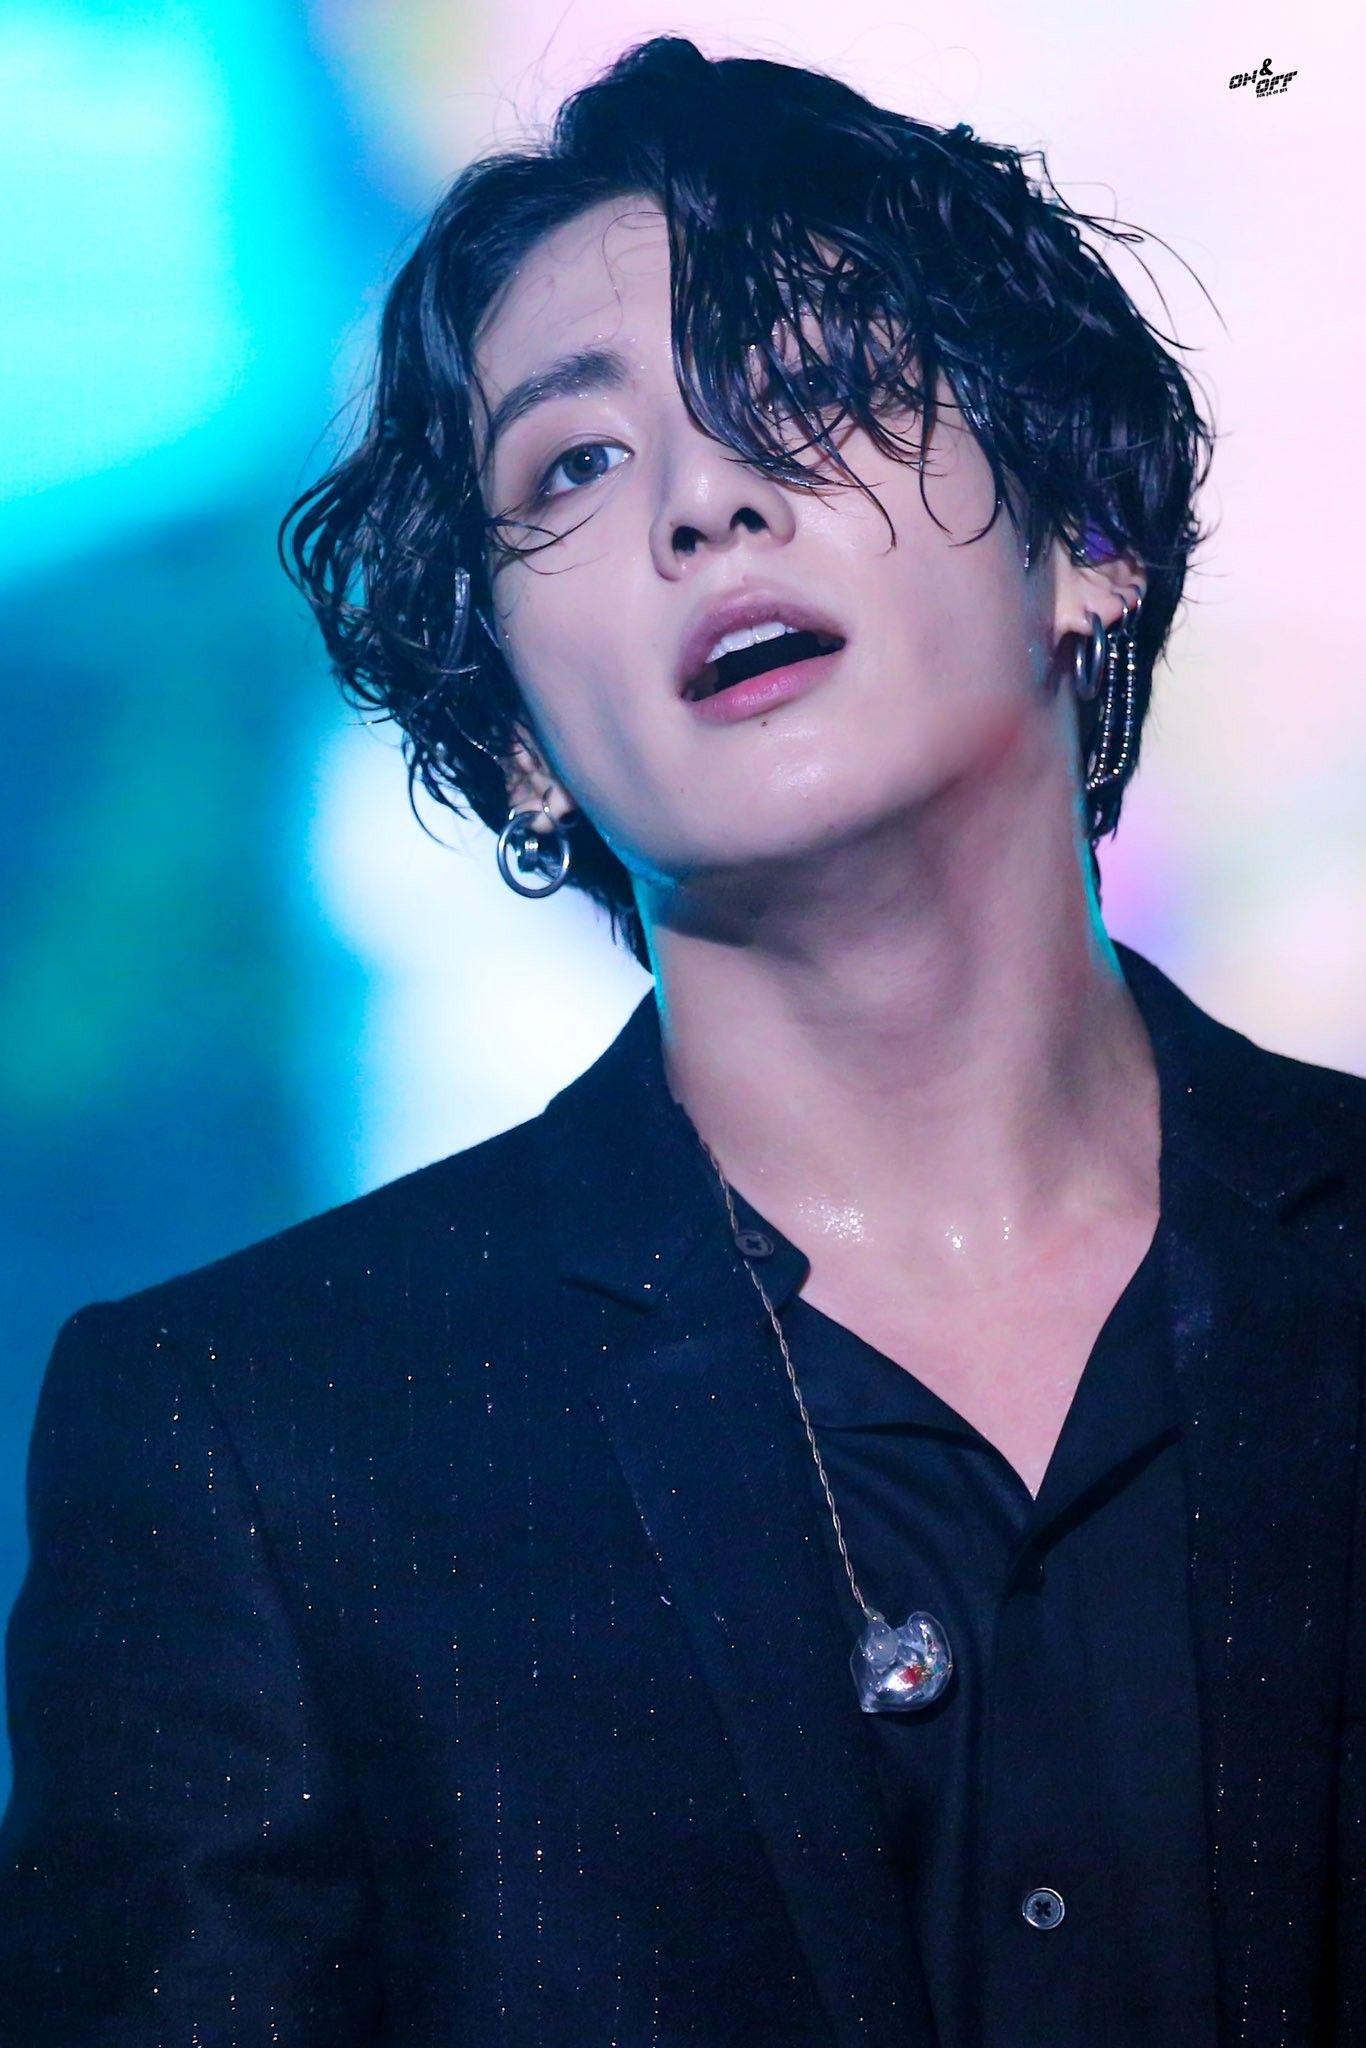 Kiểu tóc nam dài uốn xoăn của JungKook